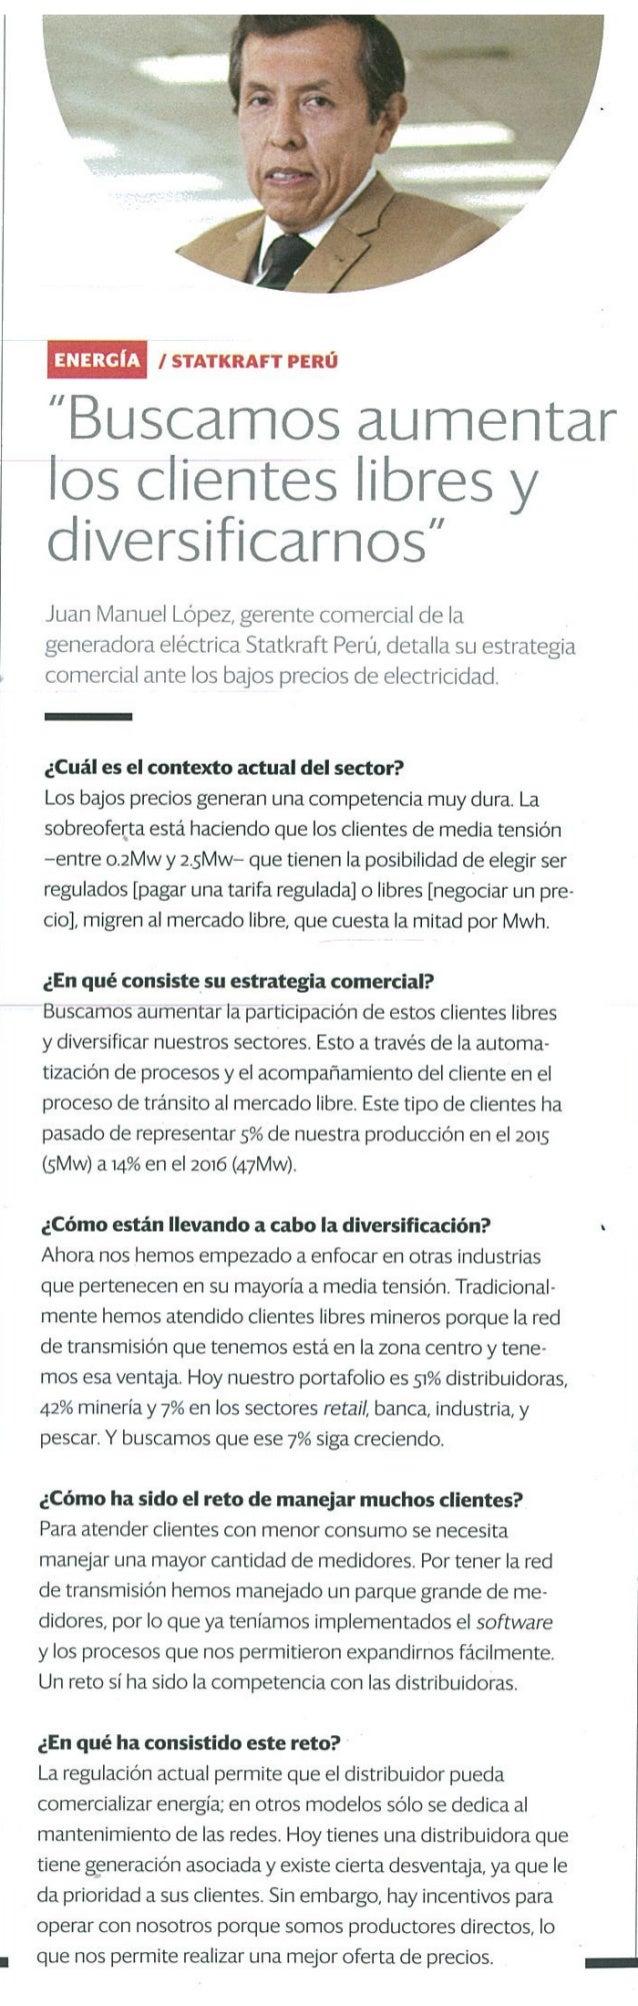 Diversificación de clientes, la estrategia de Statkraft Perú